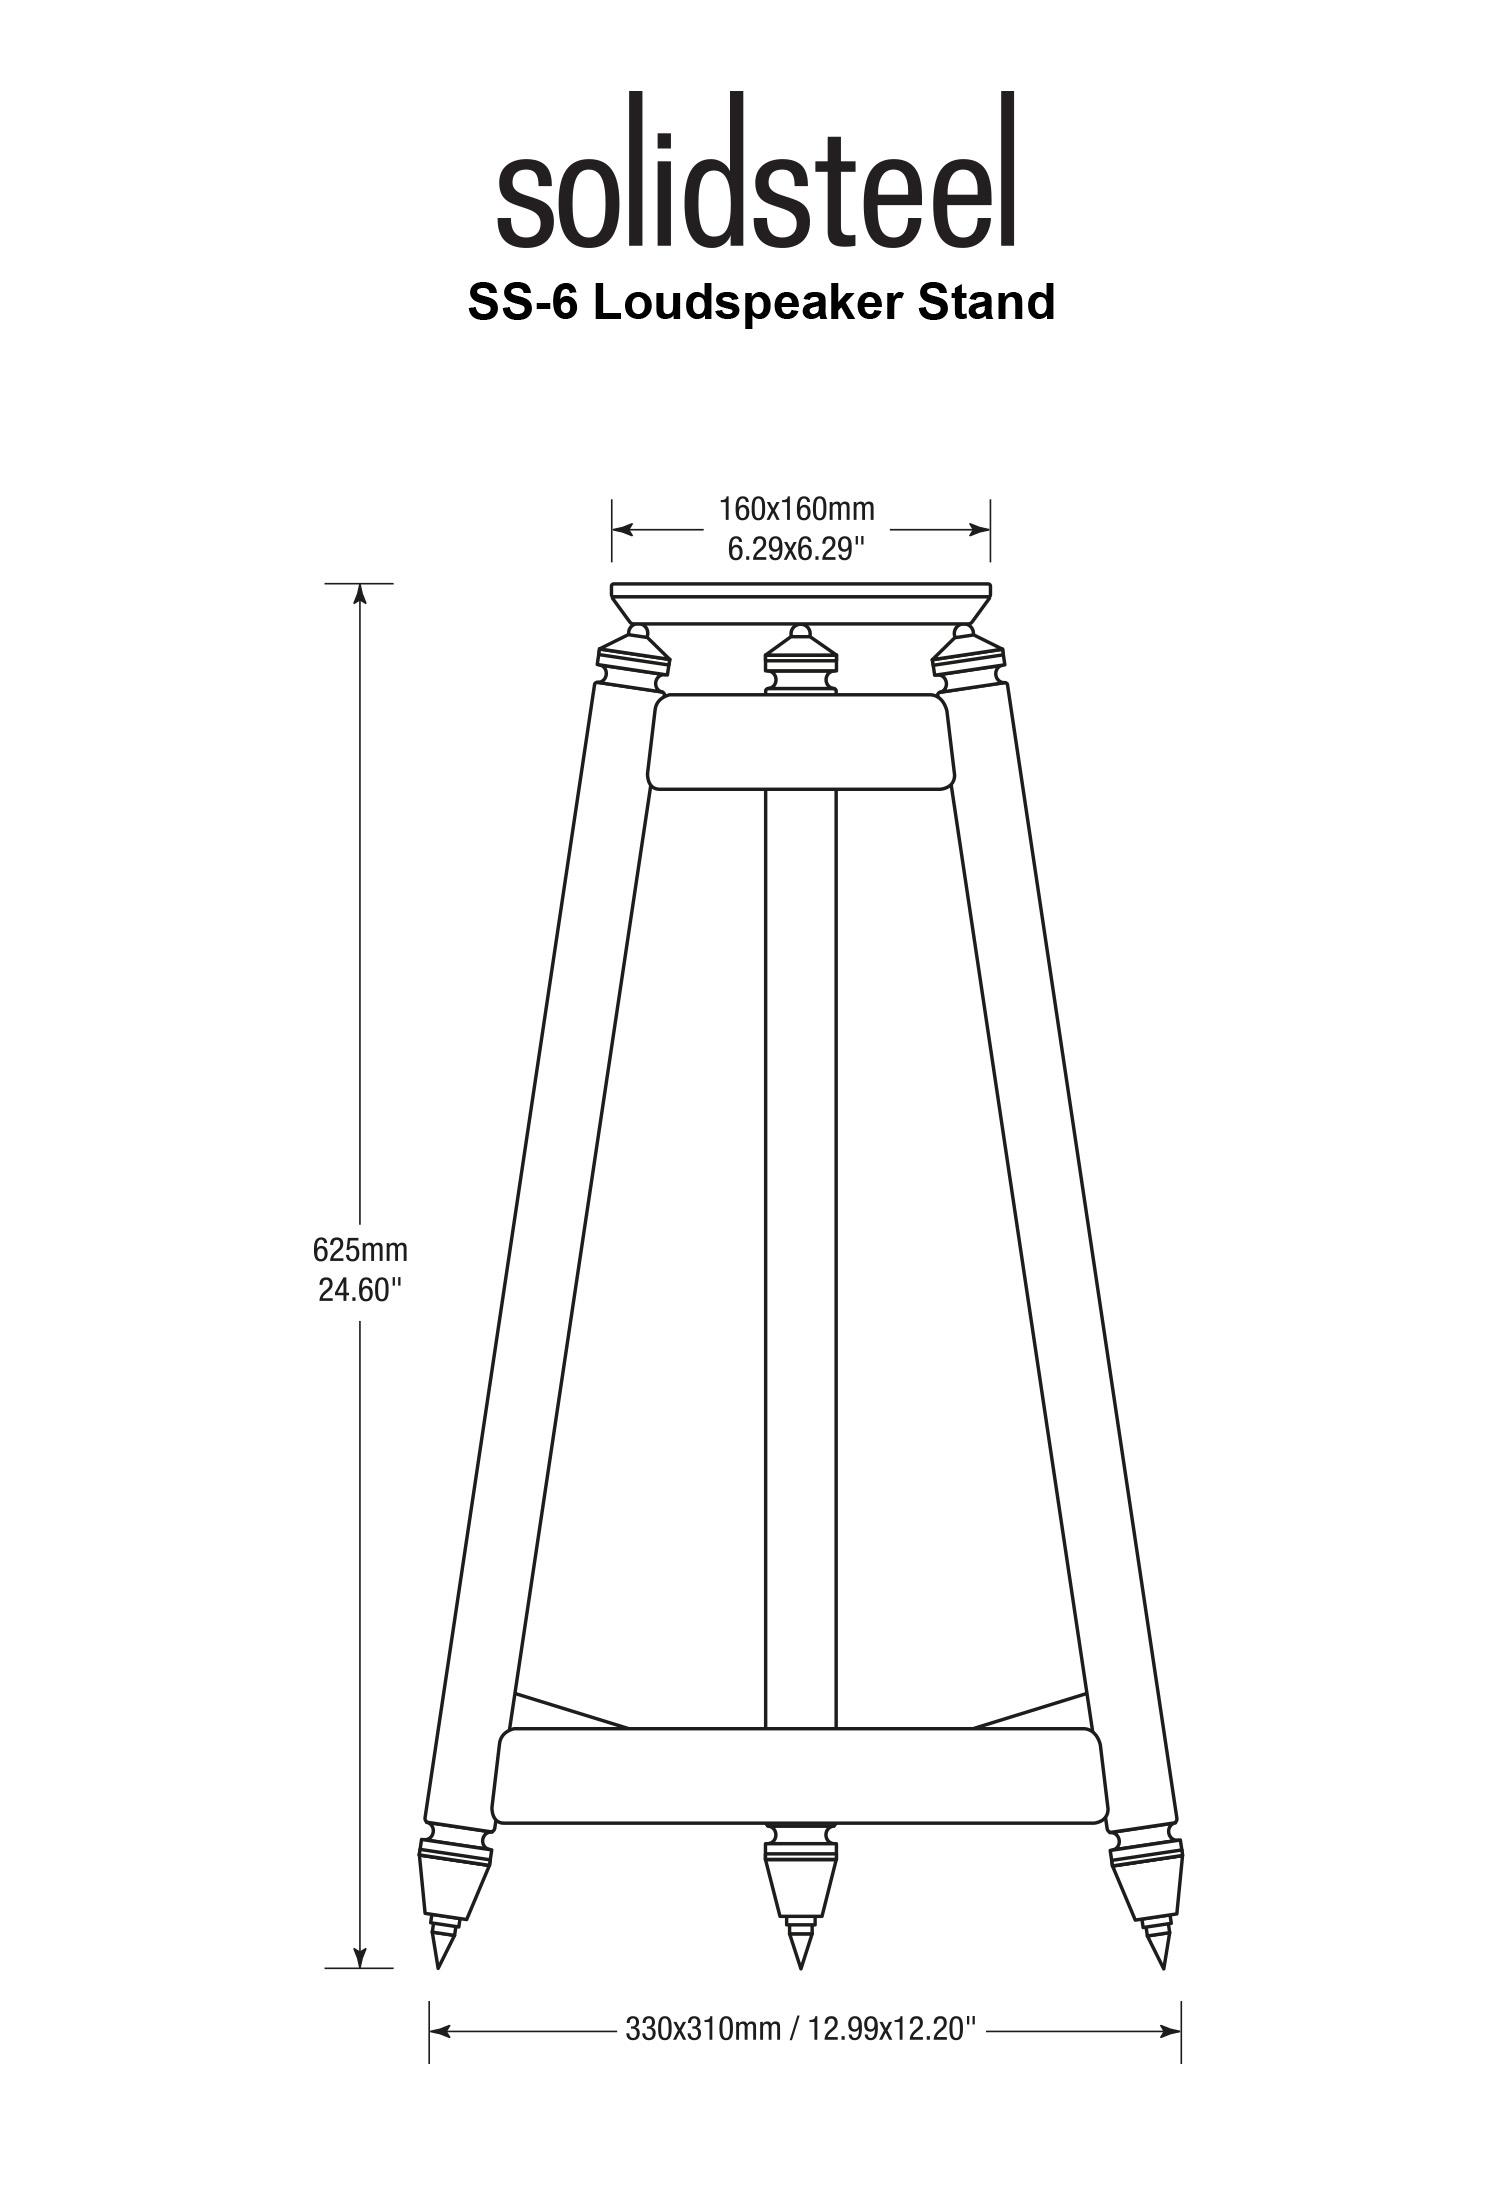 SolidSteel SS Series Vintage HiFi Speaker Stands